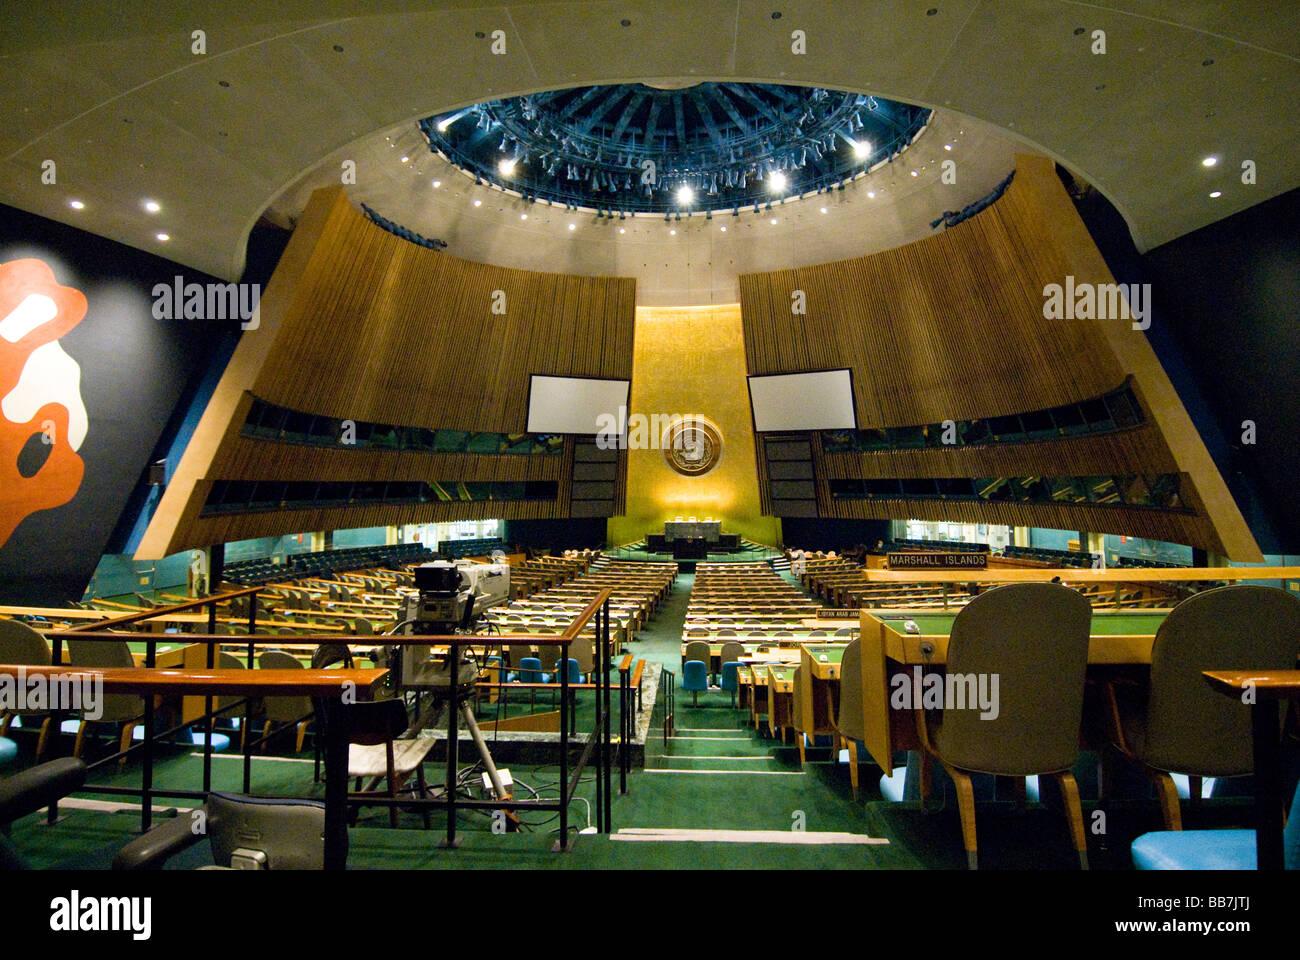 Große Halle der Vereinten Nationen, New York, USA Stockfoto, Bild ...